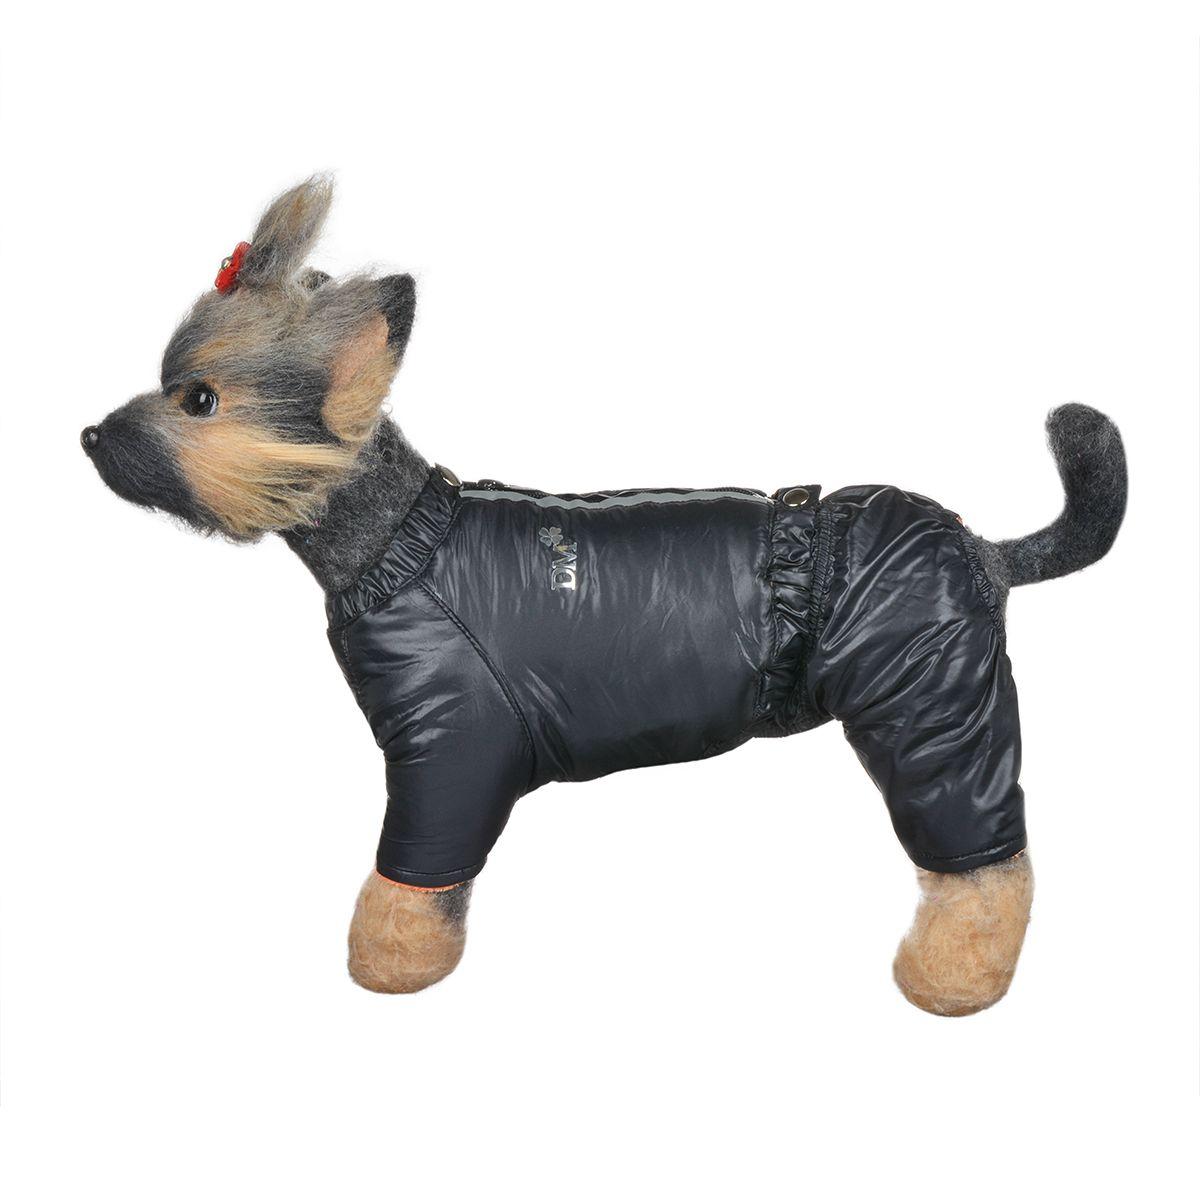 Костюм для собак Dogmoda Дублин, зимний, для мальчика, цвет: черный, оранжевый. Размер 1 (S)0120710Зимний костюм для собак Dogmoda Дублин отлично подойдет для прогулок в зимнее время года. Костюм состоит из куртки и брюк на лямках, которые изготовлены из полиэстера, защищающего от ветра и снега, с утеплителем из синтепона, который сохранит тепло даже в сильные морозы, а на подкладке используется искусственный мех, который обеспечивает отличный воздухообмен. Куртка застегивается на молнию и кнопки. На молнии имеются светоотражающие элементы. Ворот и низ изделия оснащены внутренними резинками, которые мягко обхватывают тело, не позволяя просачиваться холодному воздуху. Куртка декорирована золотистой надписью DM.Эластичные лямки брюк имеют перфорацию. Их длина регулируется при помощи пуговиц. Брюки застегиваются на кнопки и имеют на пояснице внутреннюю резинку, которая не позволит просачиваться холодному воздуху. Изделие декорировано золотистой надписью DM.Благодаря такому костюму простуда не грозит вашему питомцу.